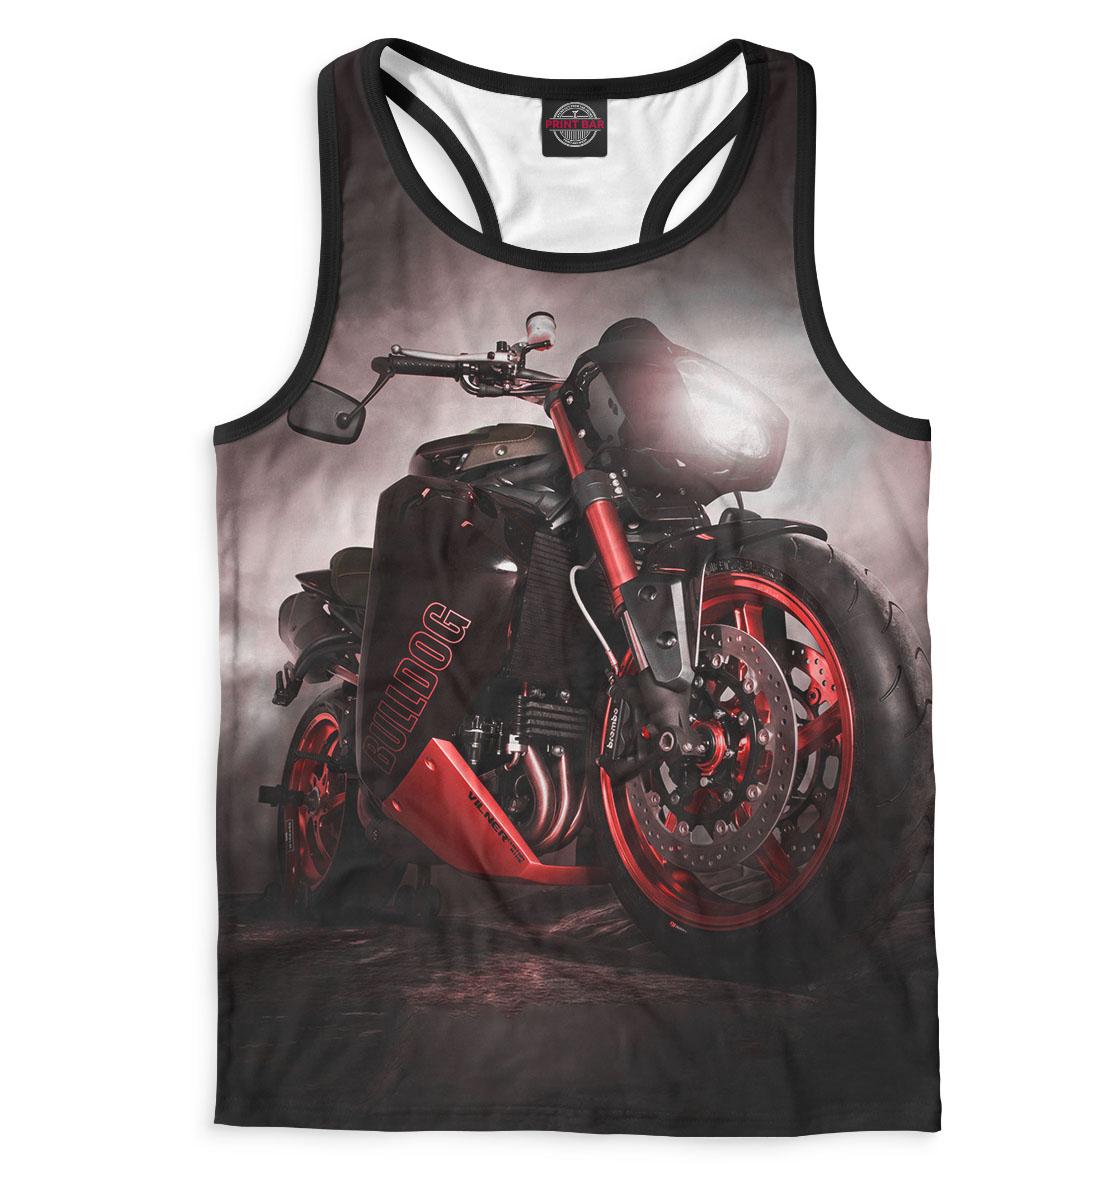 Купить Мотоцикл, Printbar, Майки борцовки, MTR-245010-mayb-2